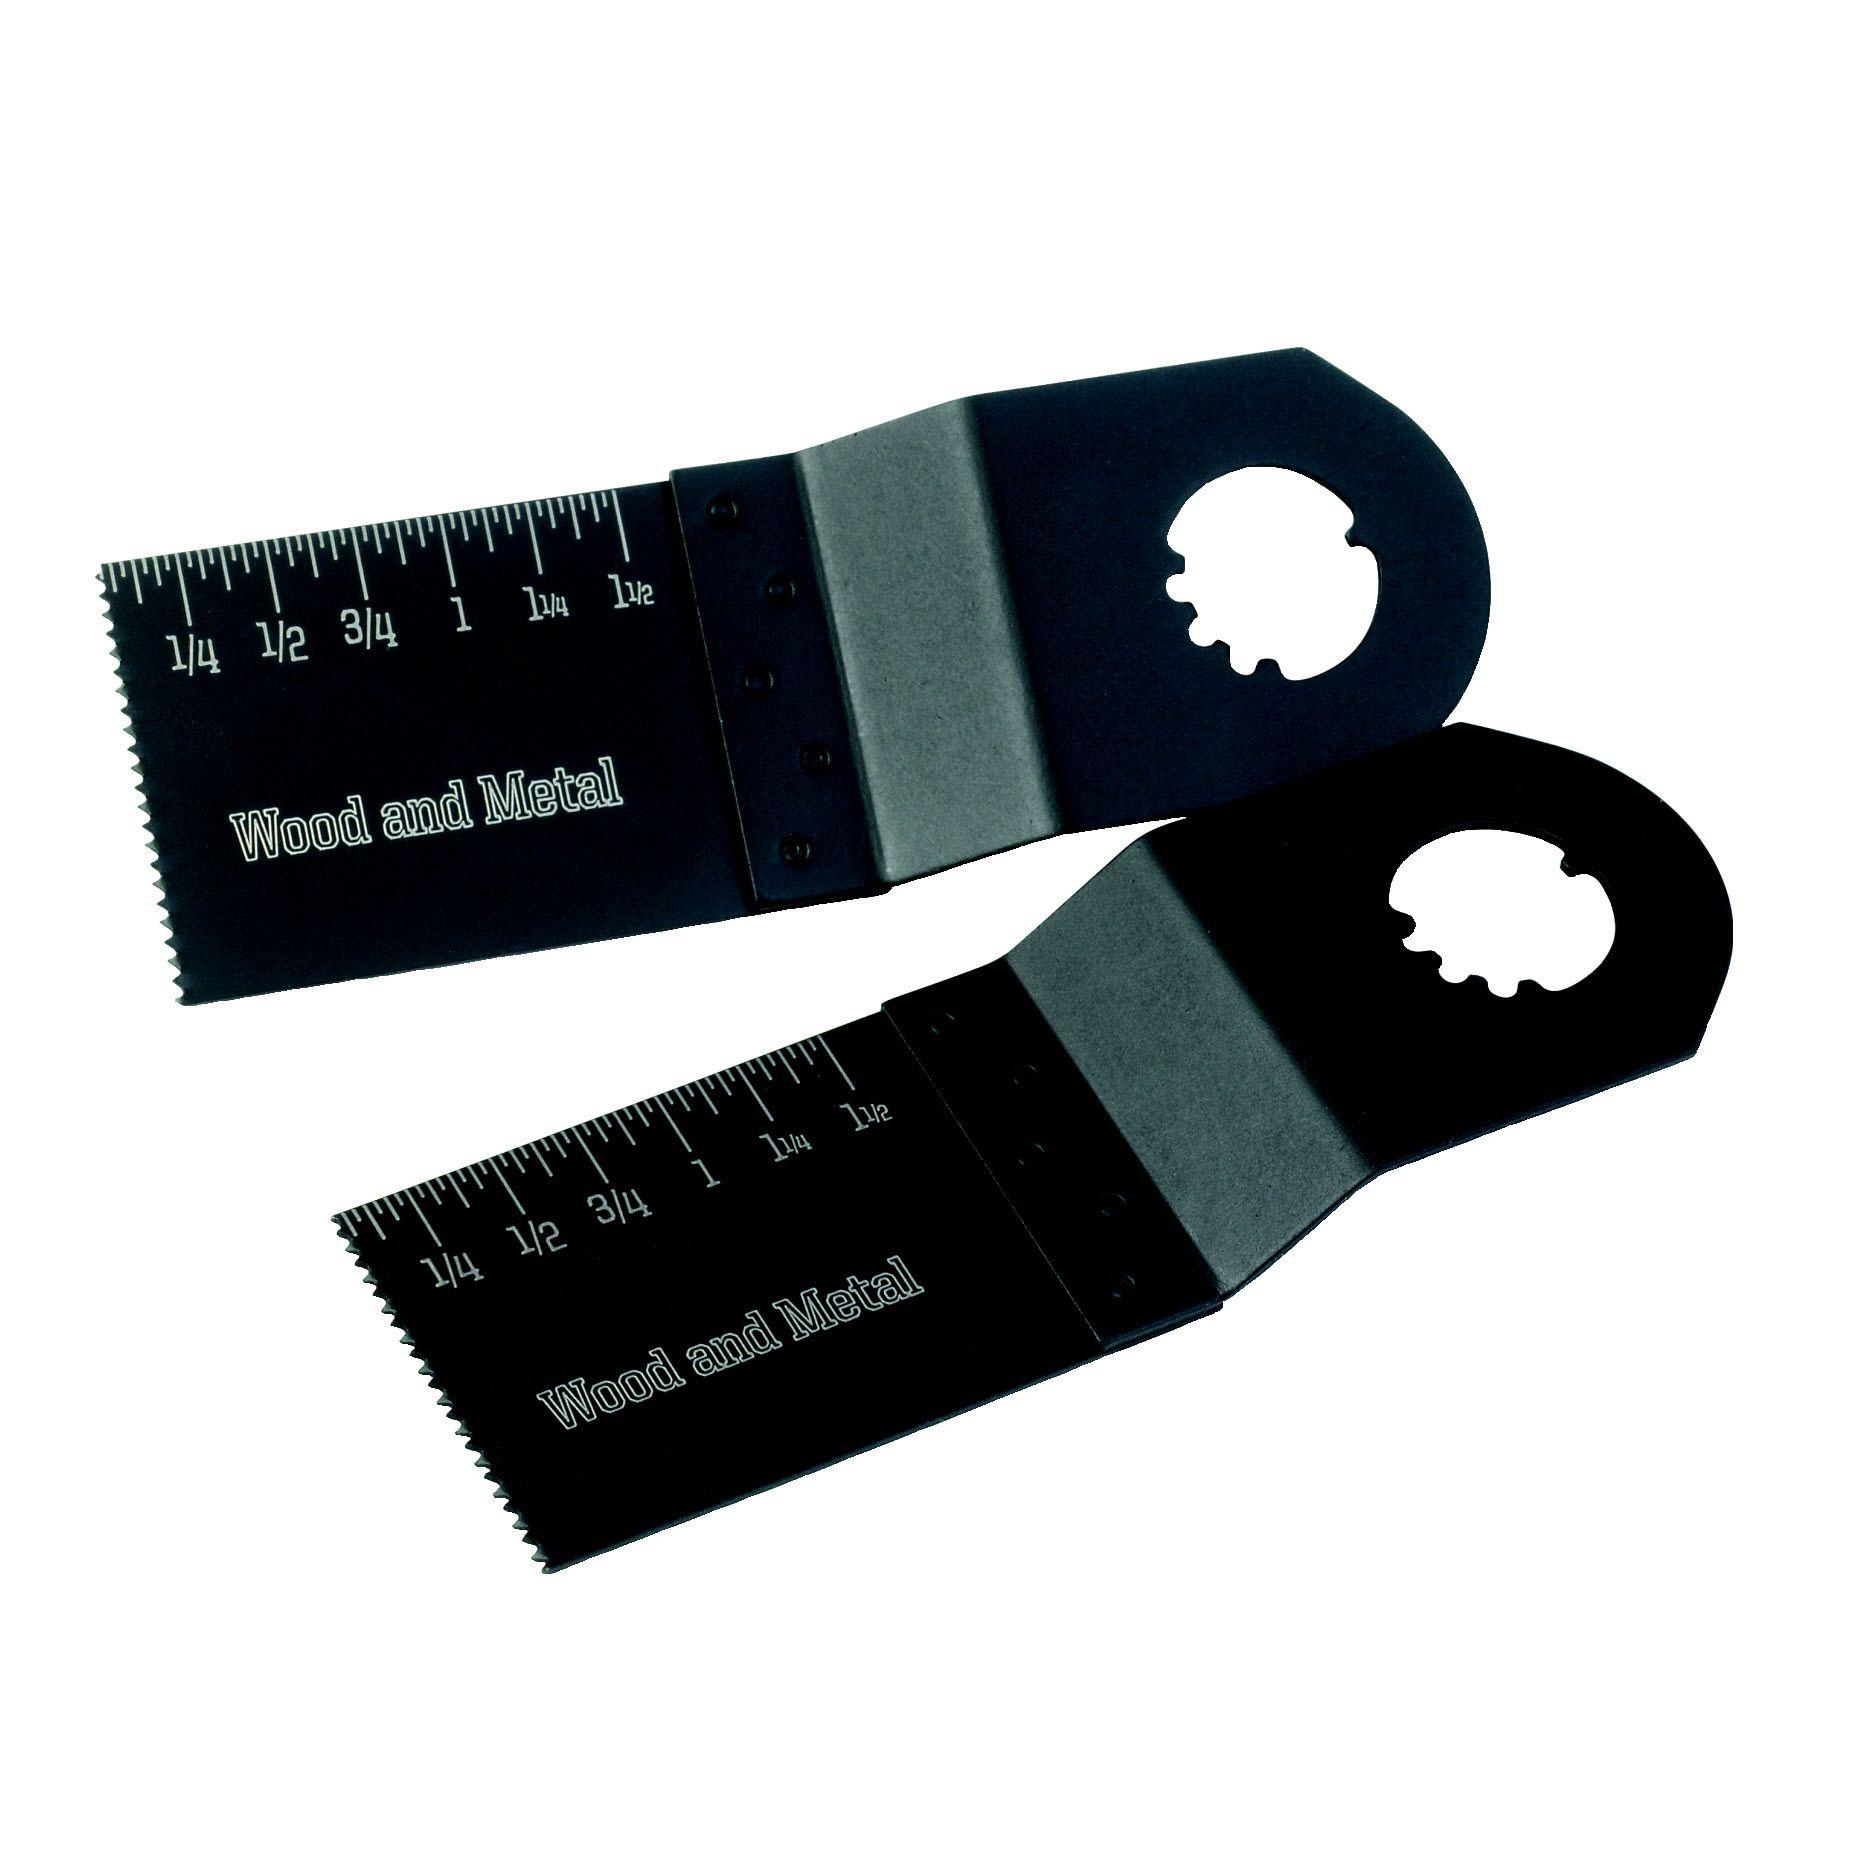 Craftsman Flush Cut Saw Blade - Craftsman Multi-Tool Accessory